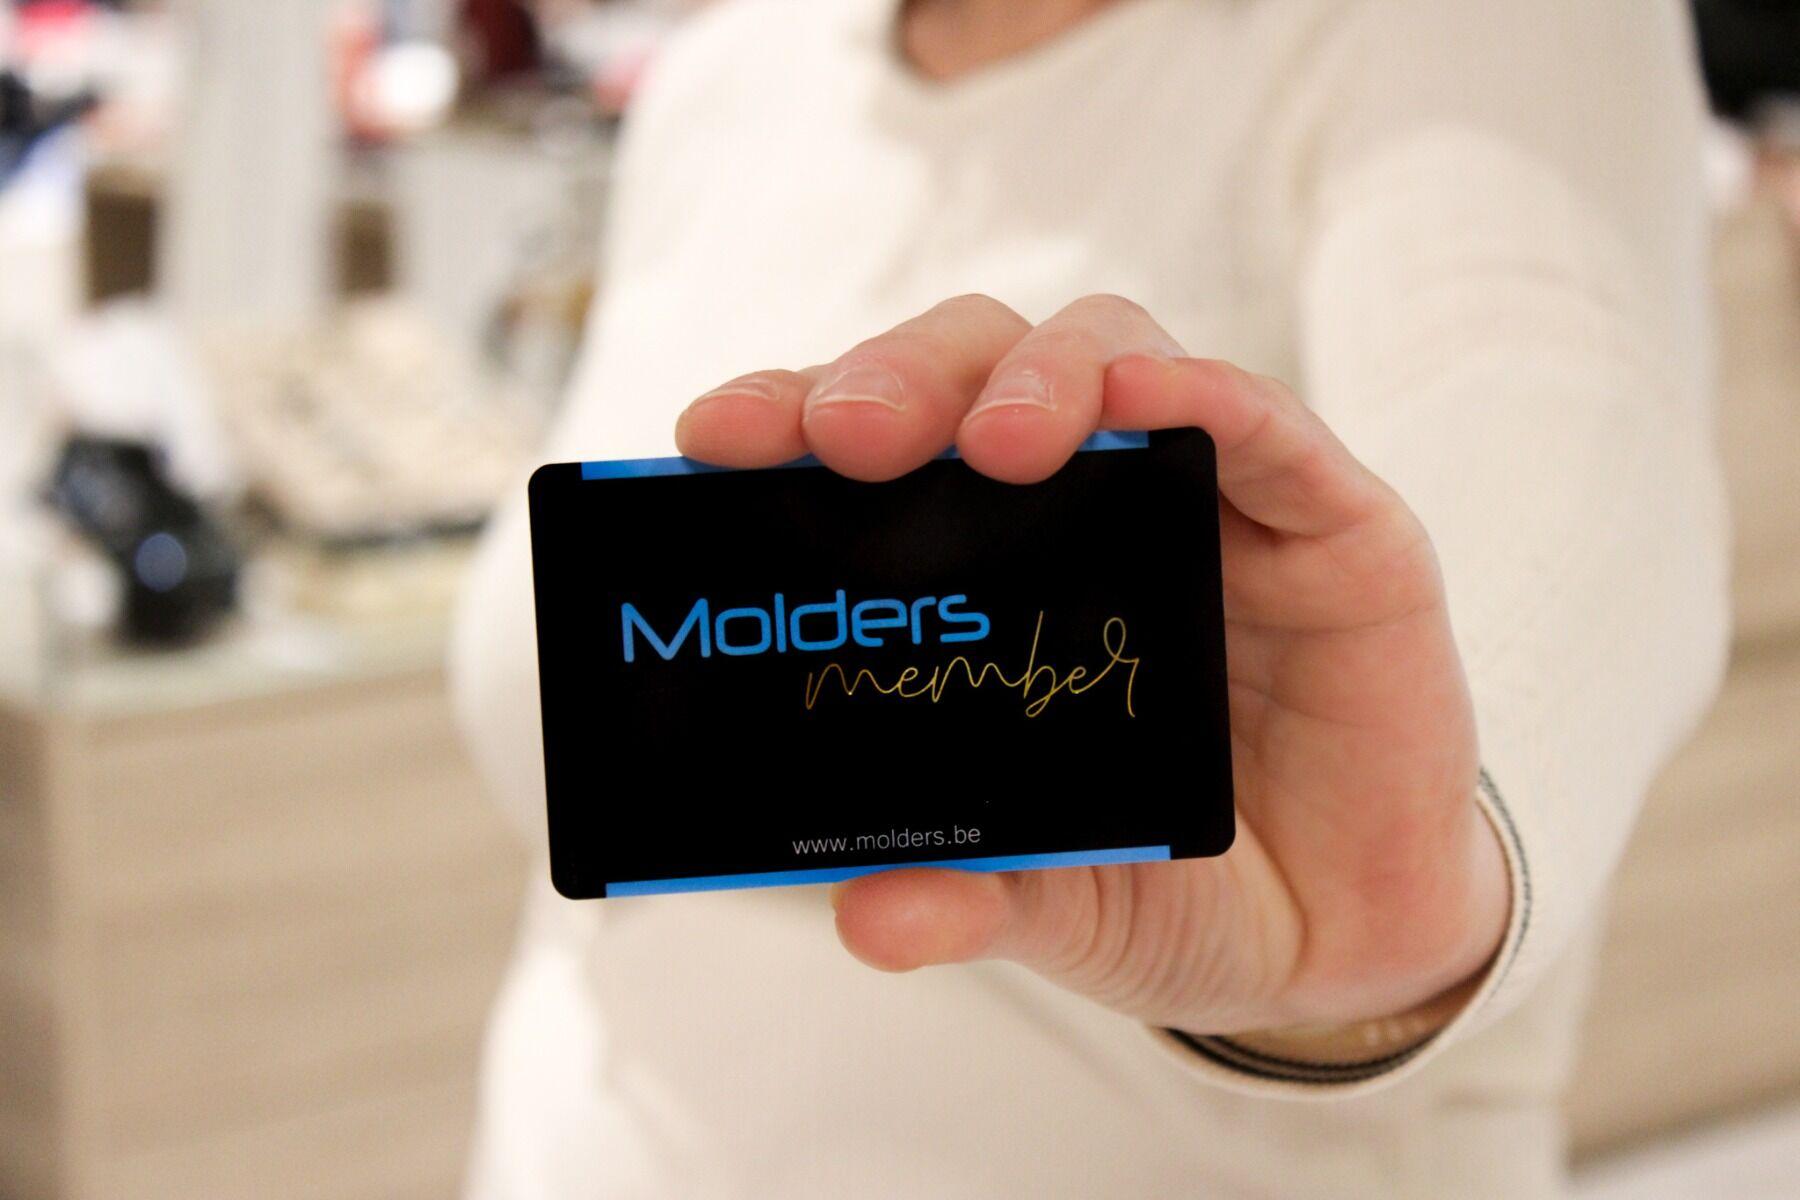 Molders Mode klantenkaart